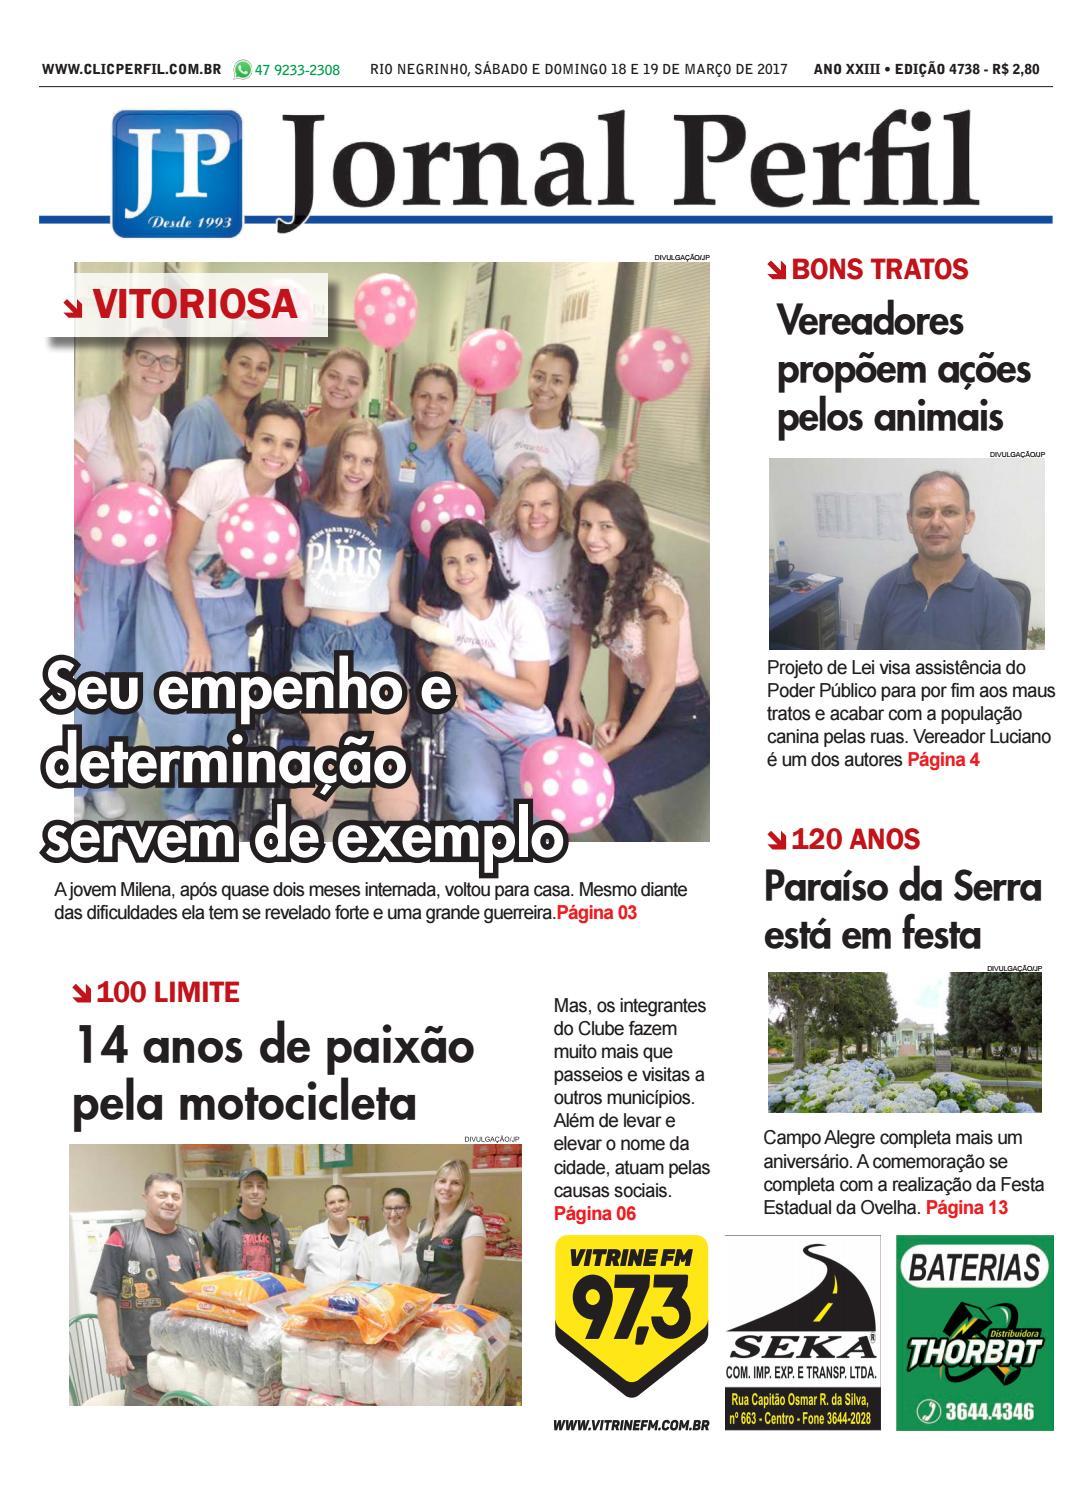 9872af3cb0fda Jornal perfil 18 03 2017 by Jornal Perfil - issuu